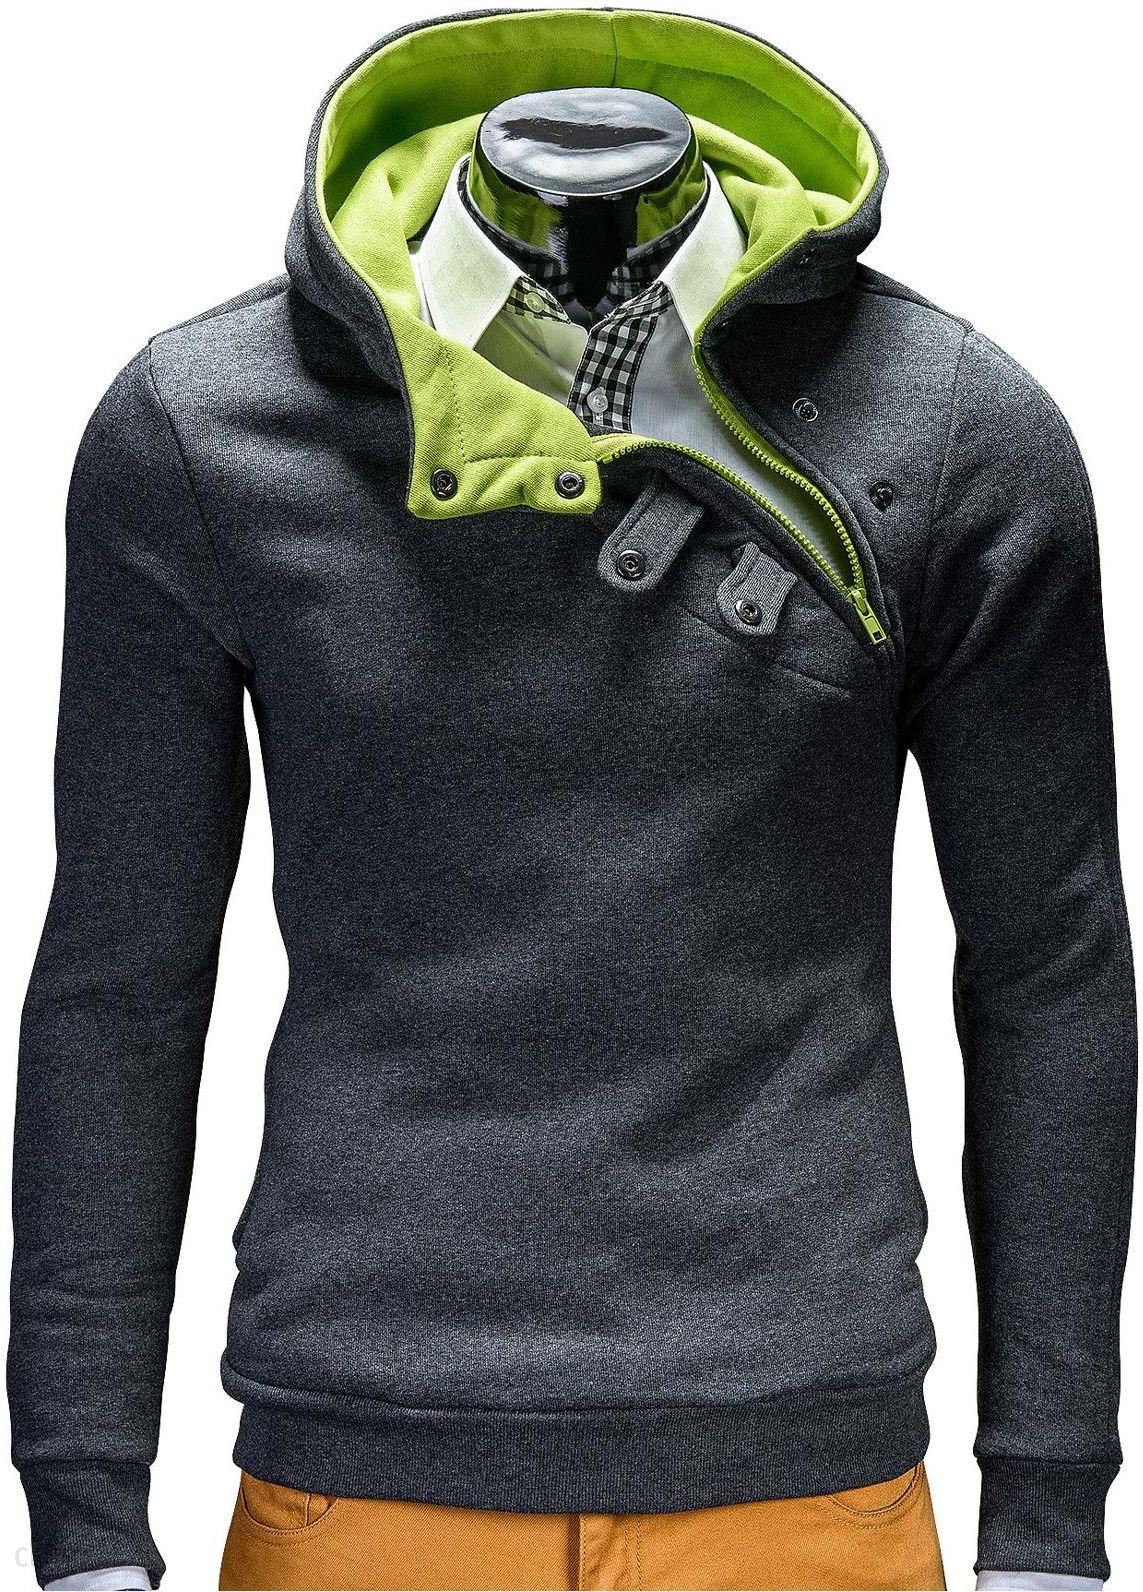 bluza adidas rozpinana szara z zielonymi dodatkami